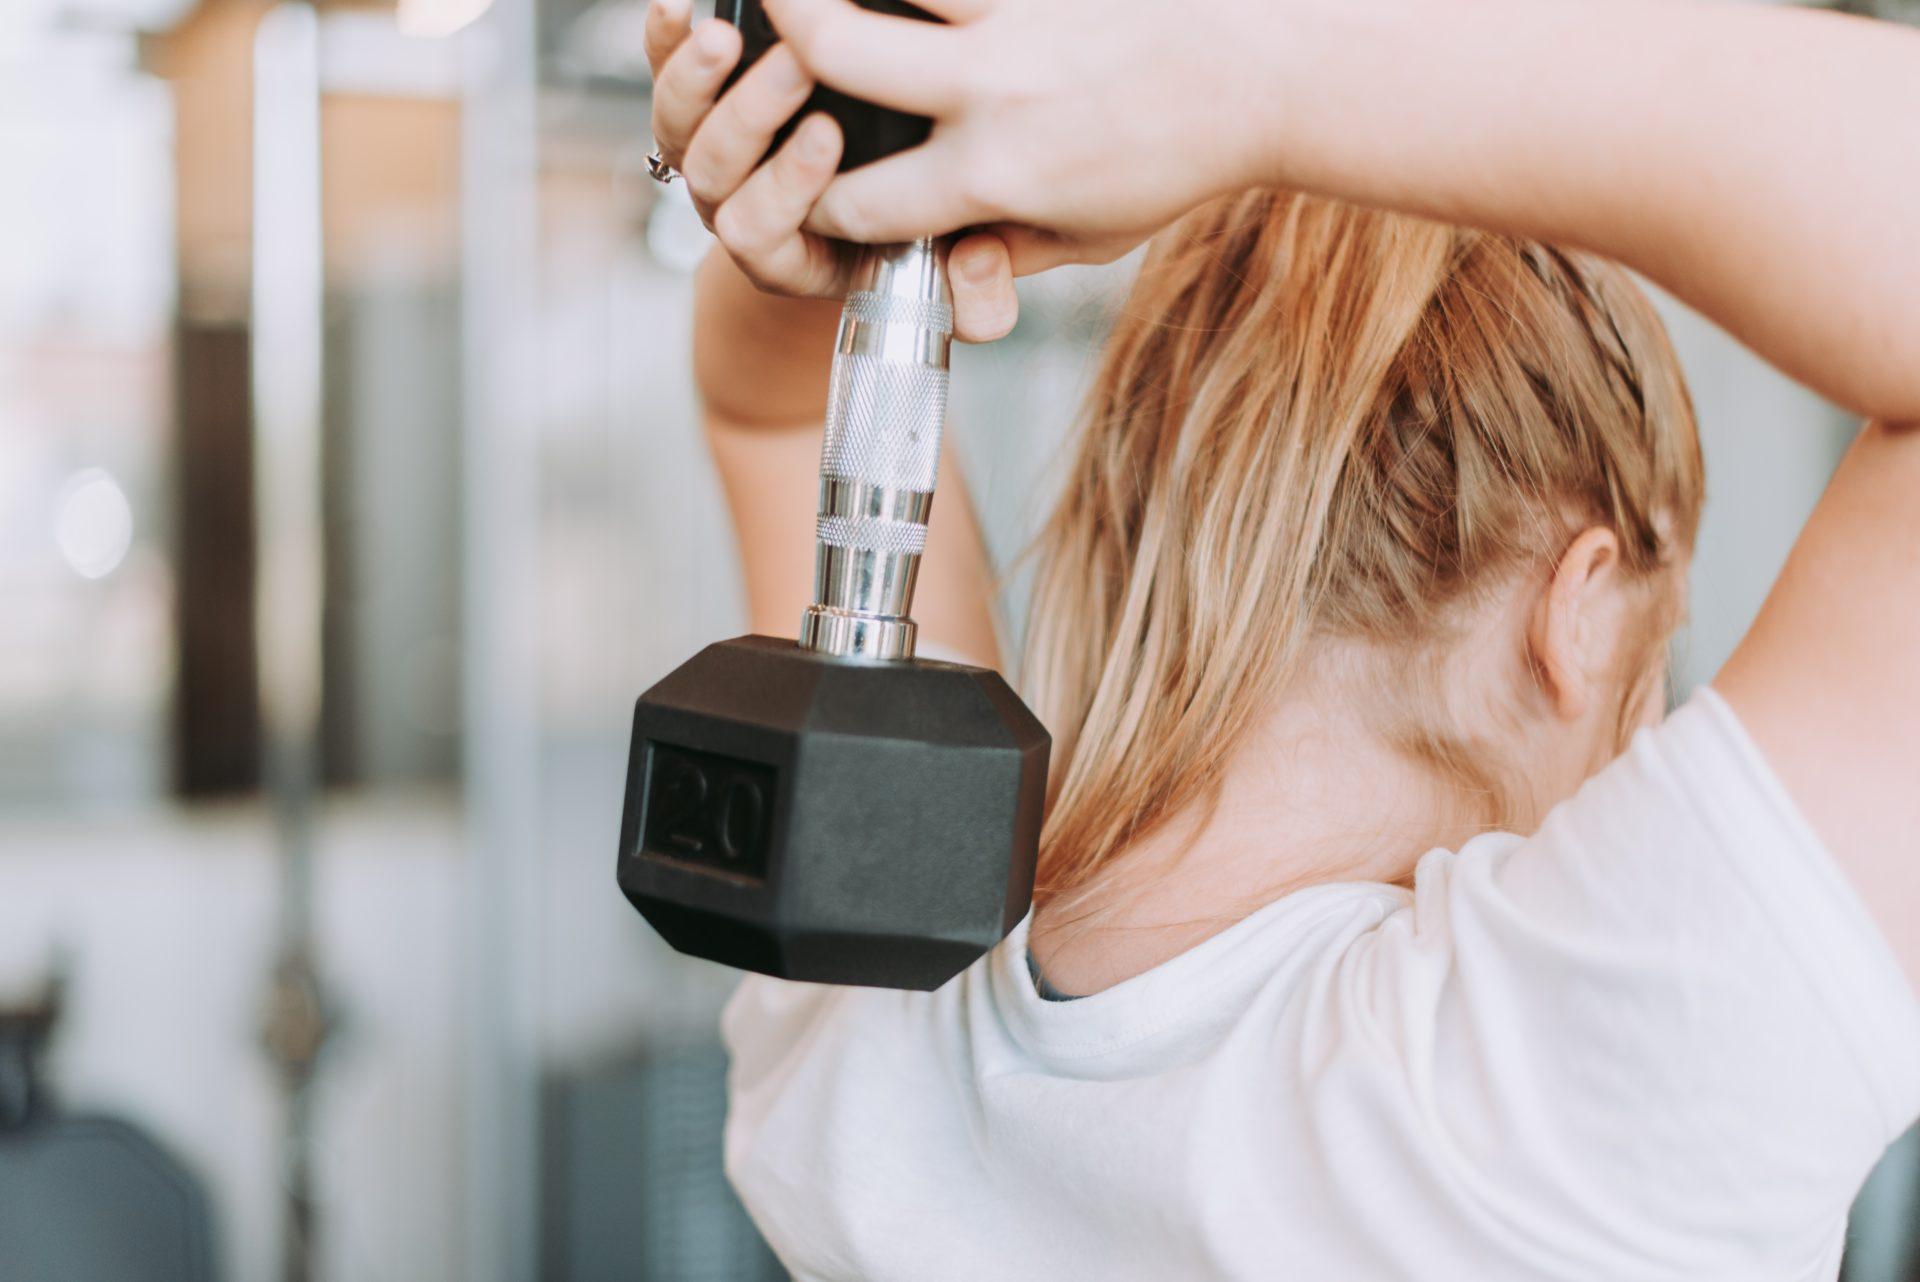 Beneficios del ejercicio después de los 60